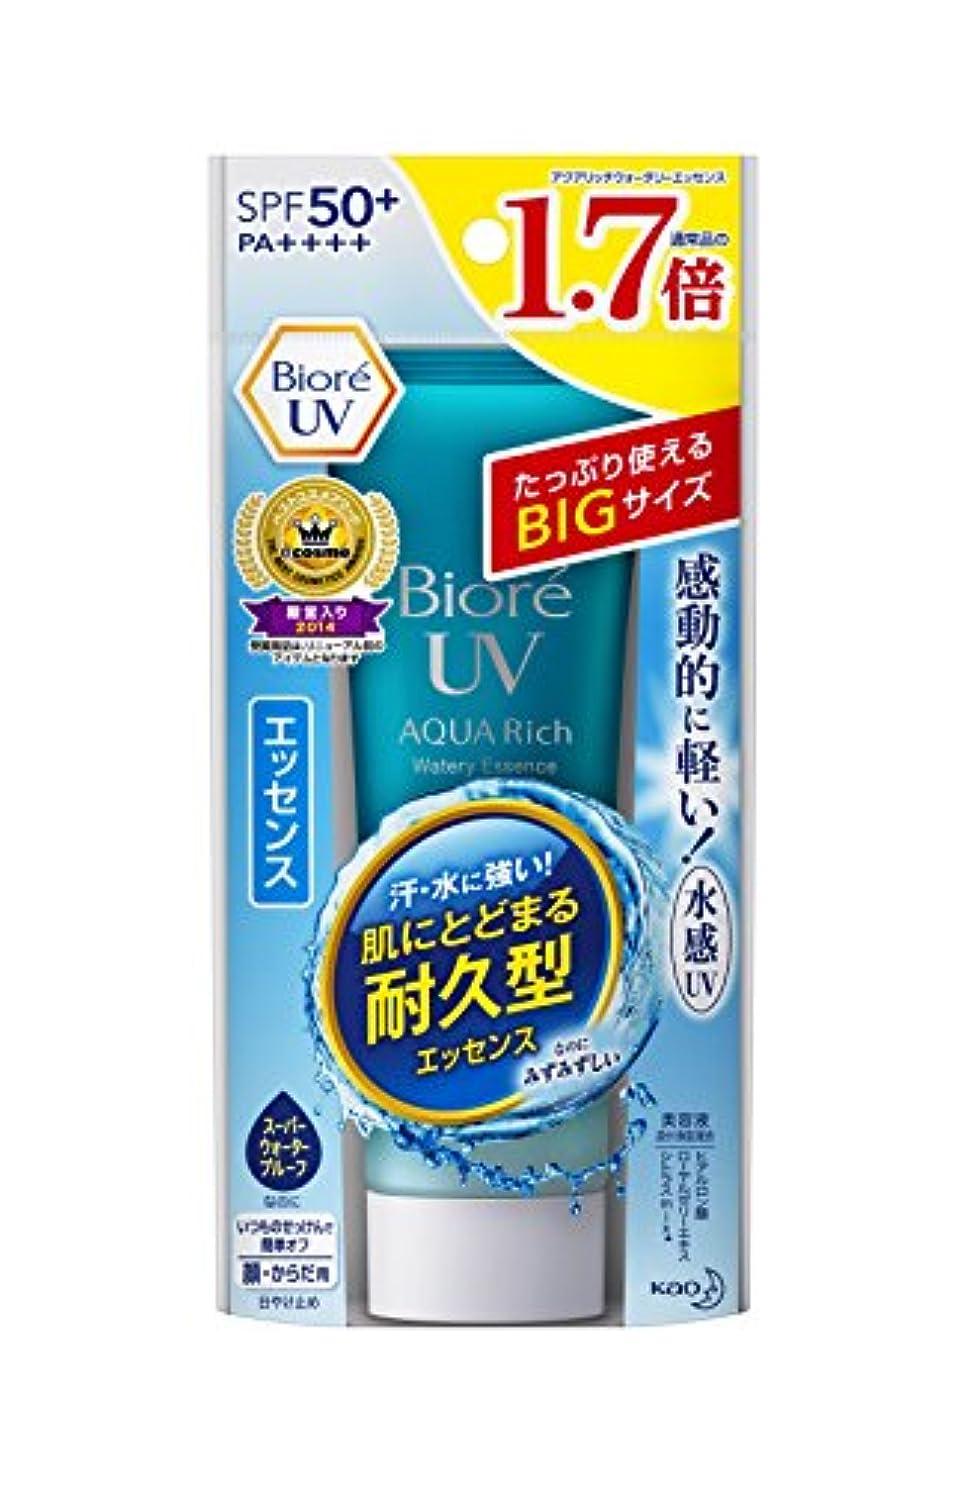 ロマンススチュワードチーター【大容量】ビオレUV アクアリッチウォータリエッセンス 85g (通常品の1.7倍) SPF50+/PA++++